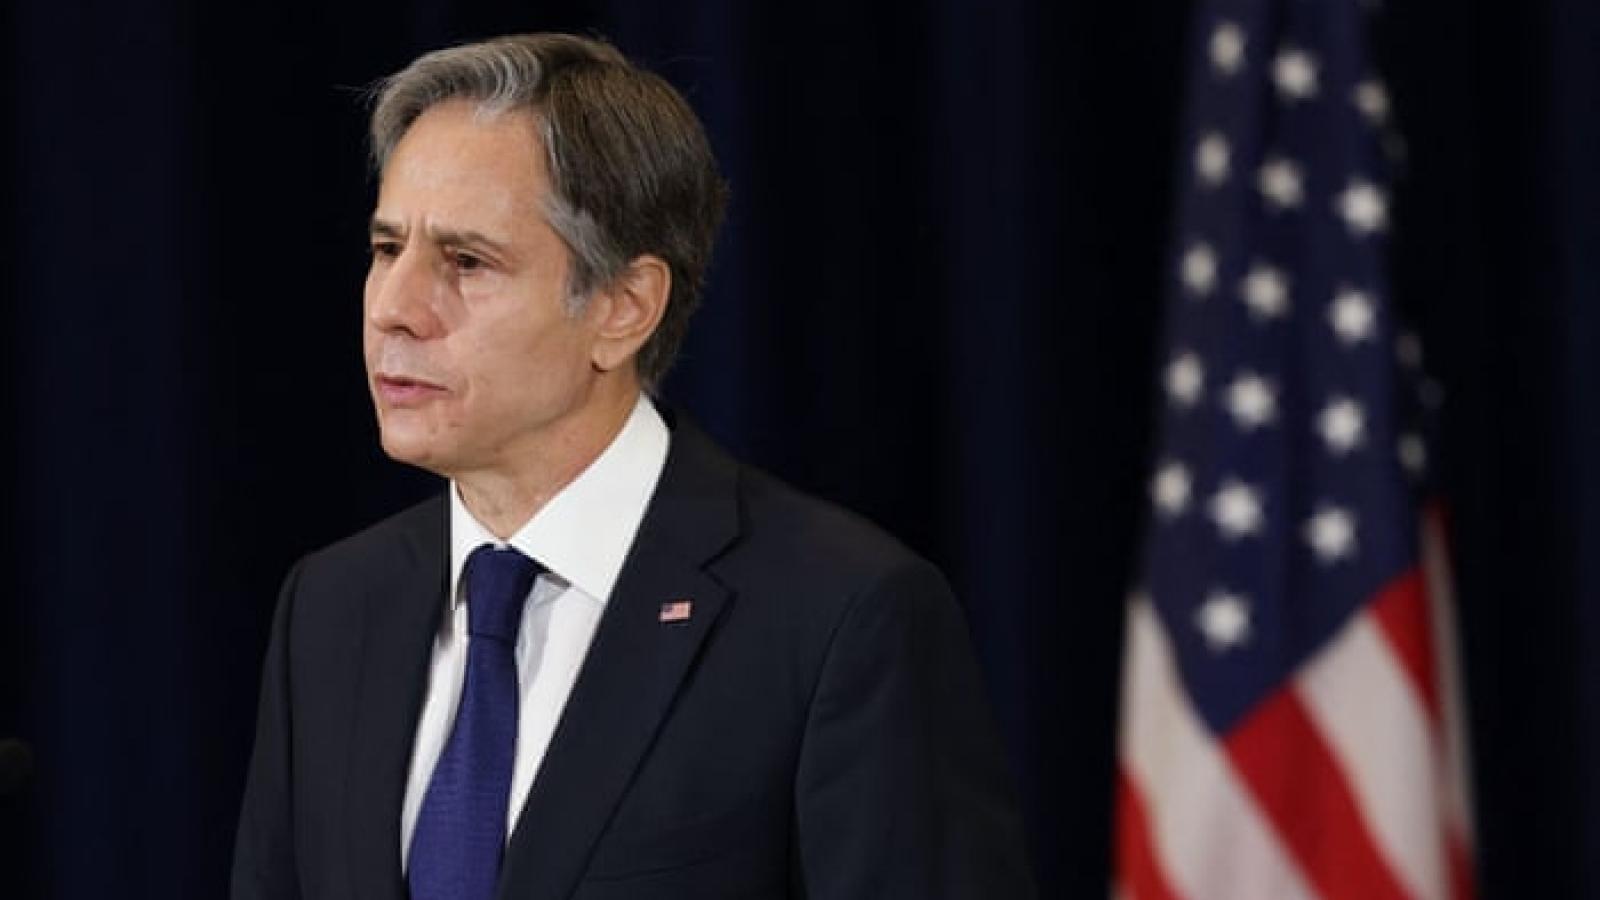 Phe Cộng hòa giận dữ khi chính quyền Mỹ thất hứa ở Afghanistan, ông Blinken phản bác